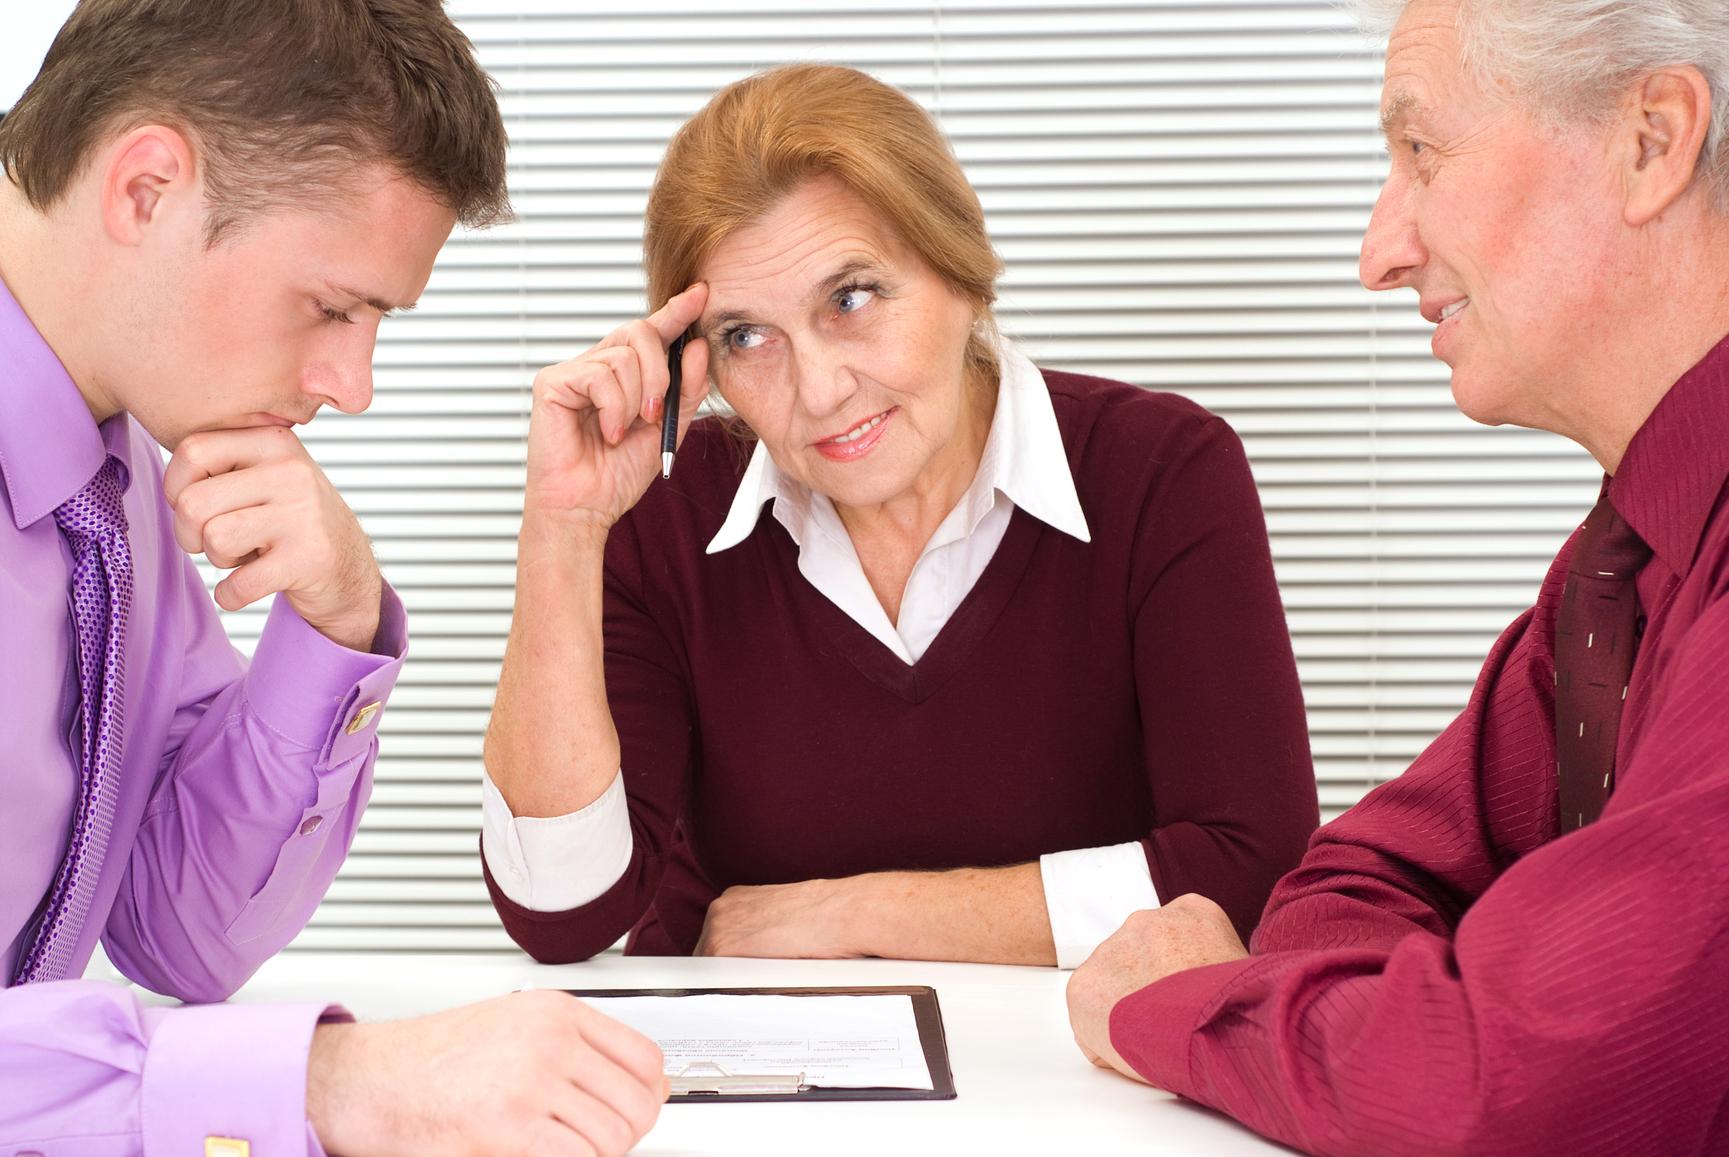 Mejoras para una empresa familiar, ¿Personas o roles?